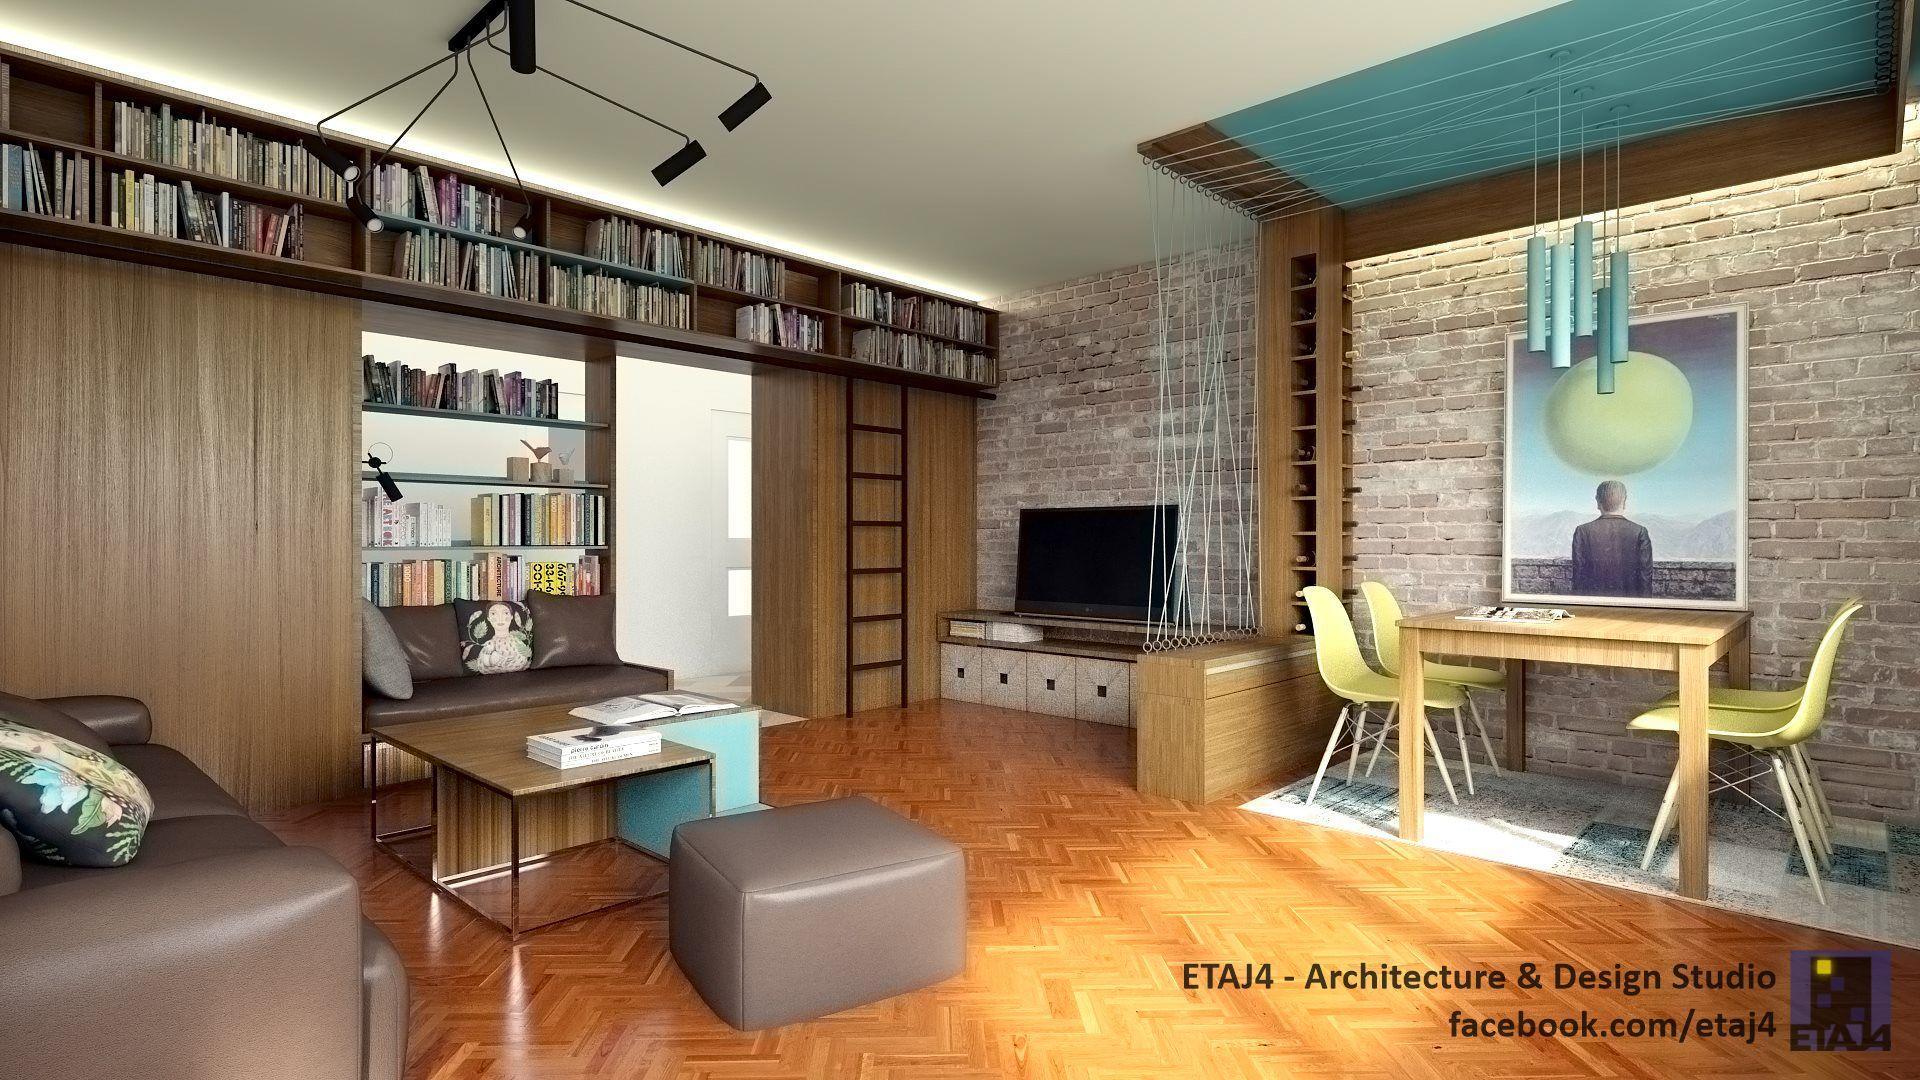 2 Bedroom Apartment Interior Design Interior Design Solution For A 2 Bedroom Apartment In Cluj